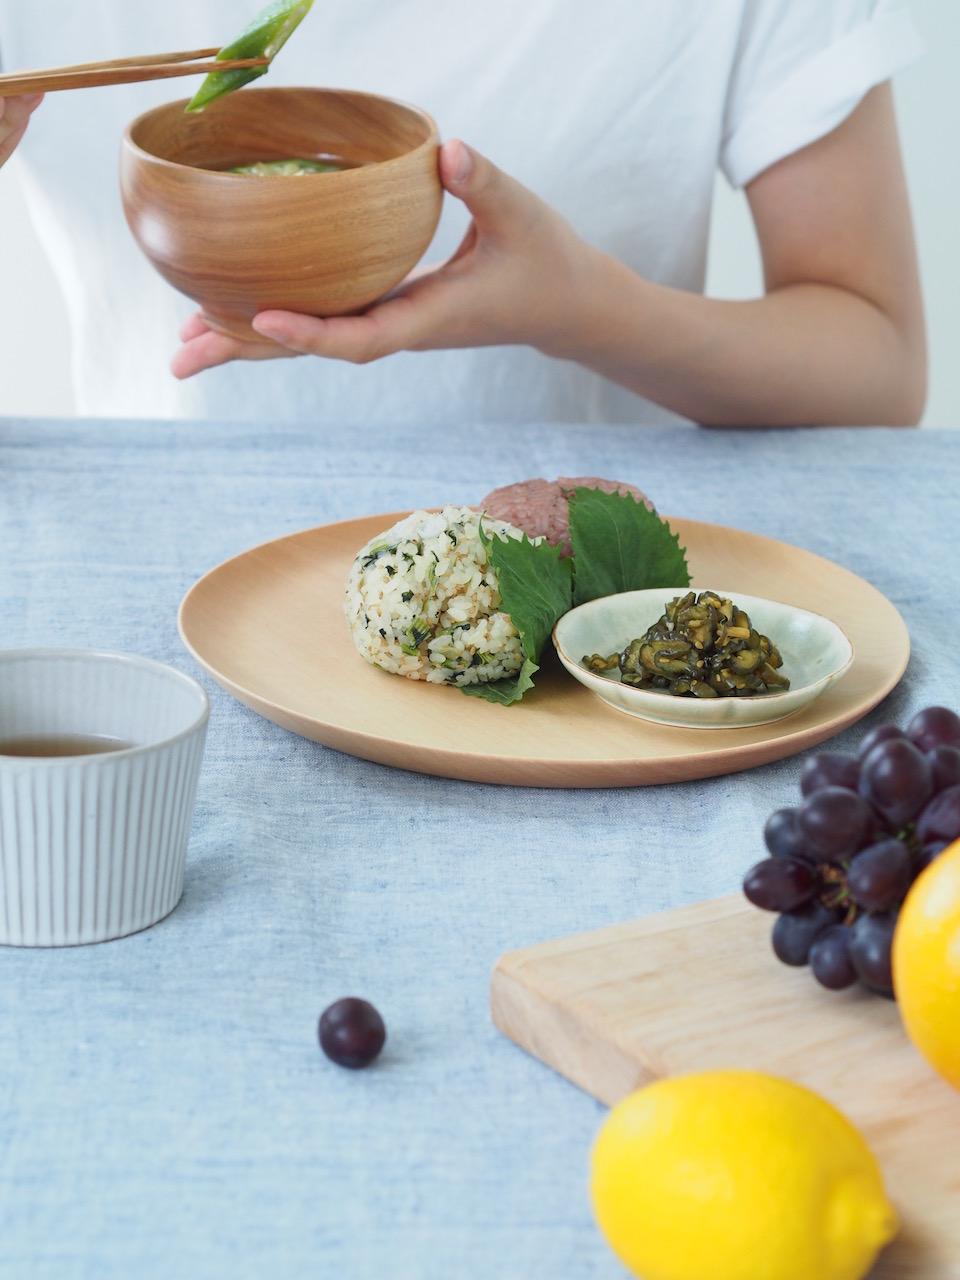 おしゃれな和食の朝ごはん